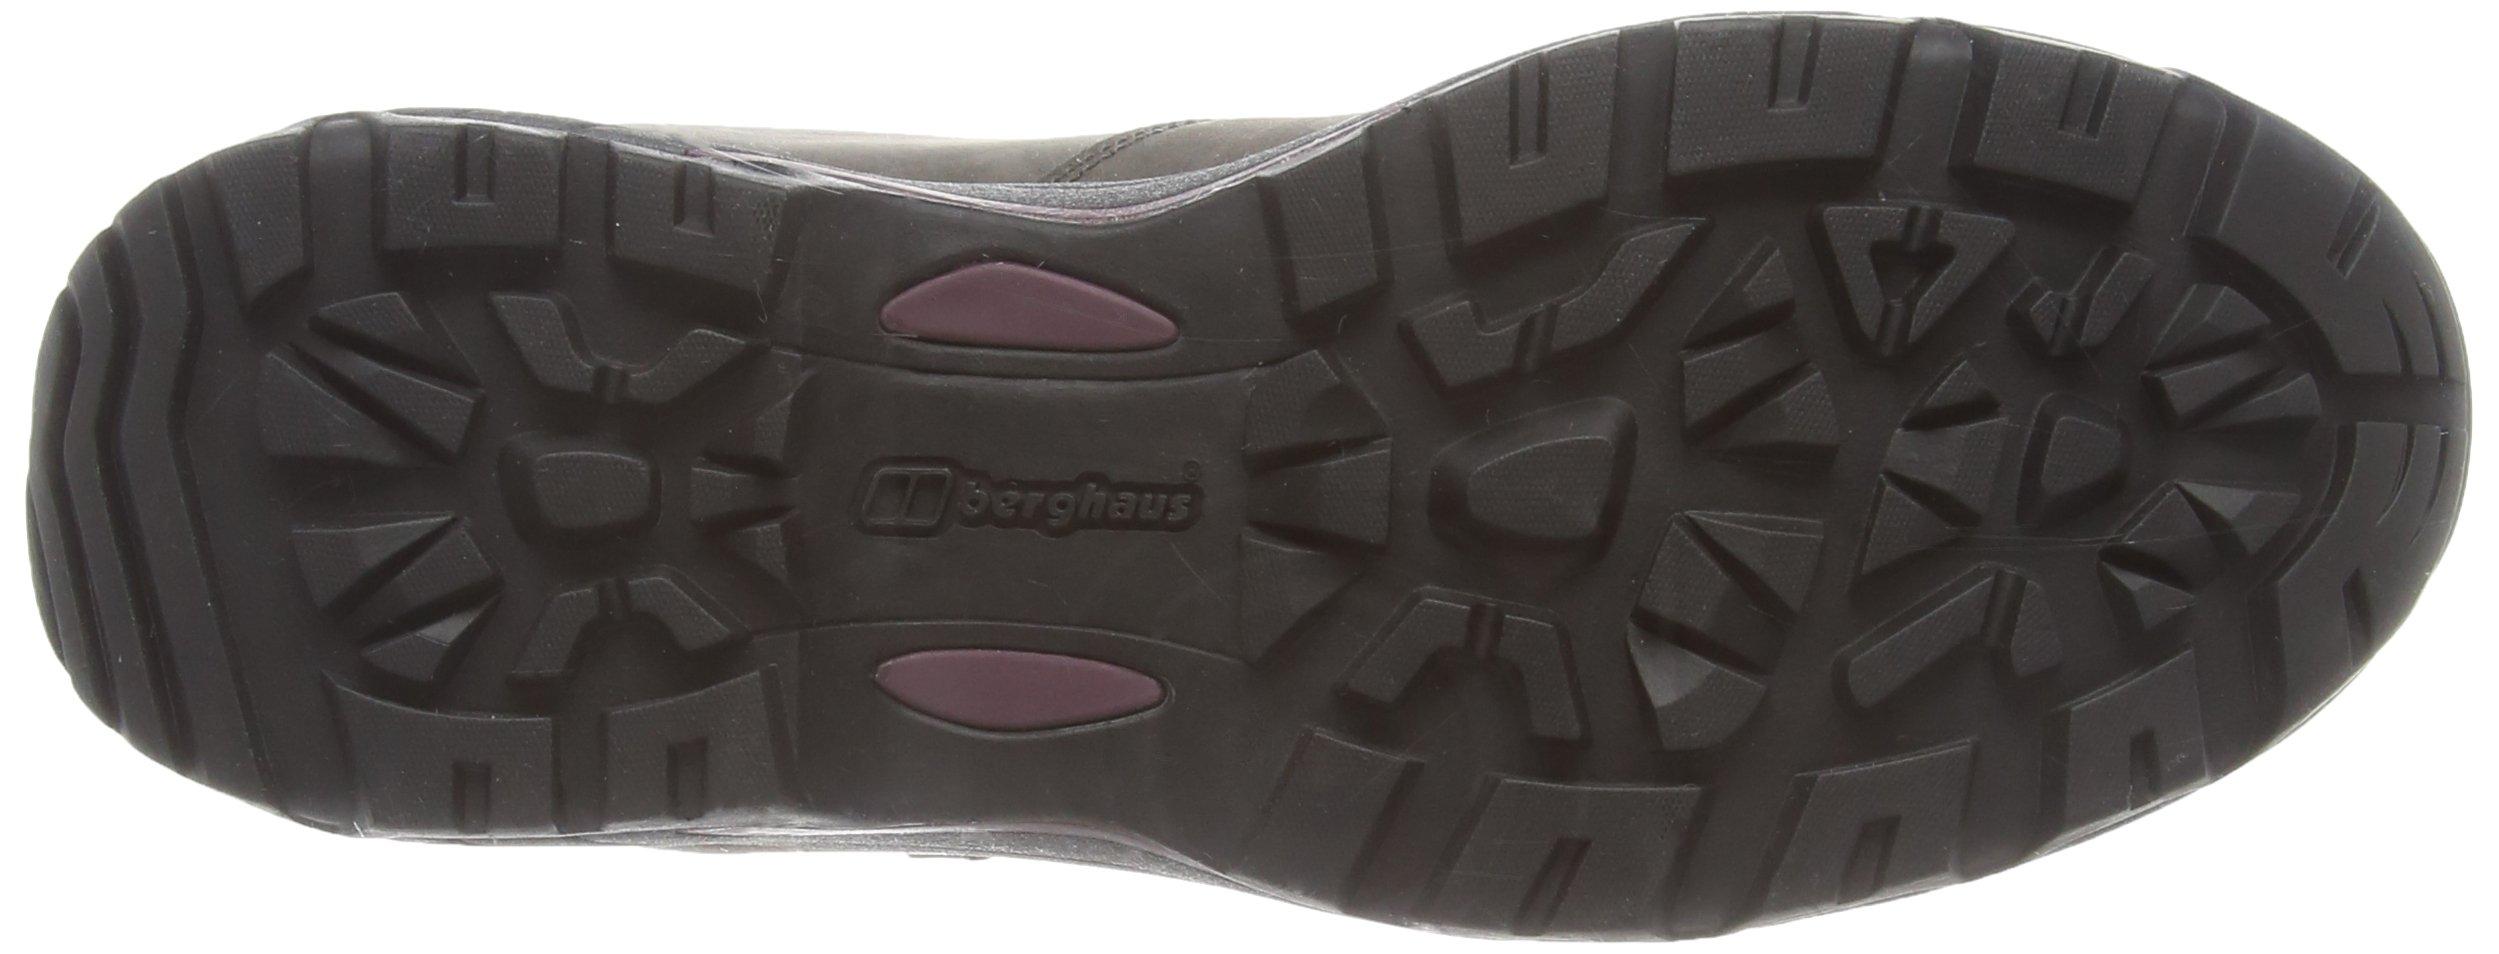 Berghaus Women's Fellmaster Gore-Tex Walking Boots 3